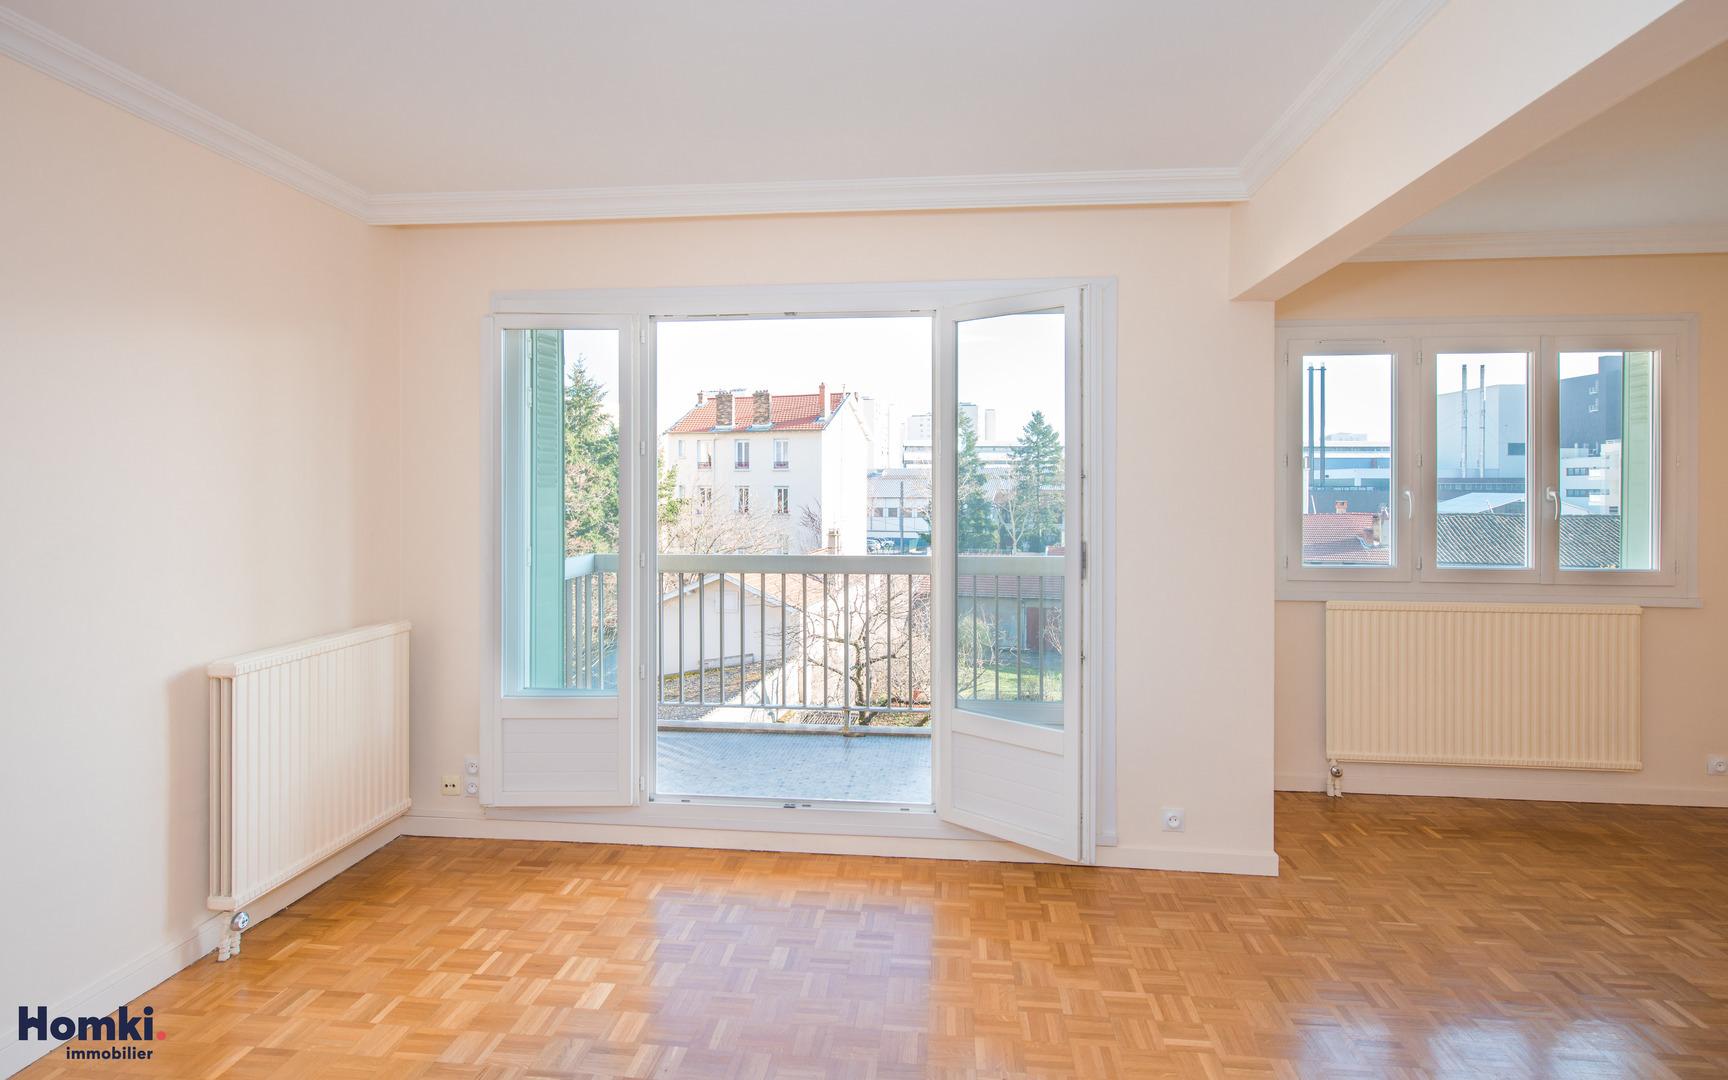 Appartement I 82m² I T3 I 69008 _5